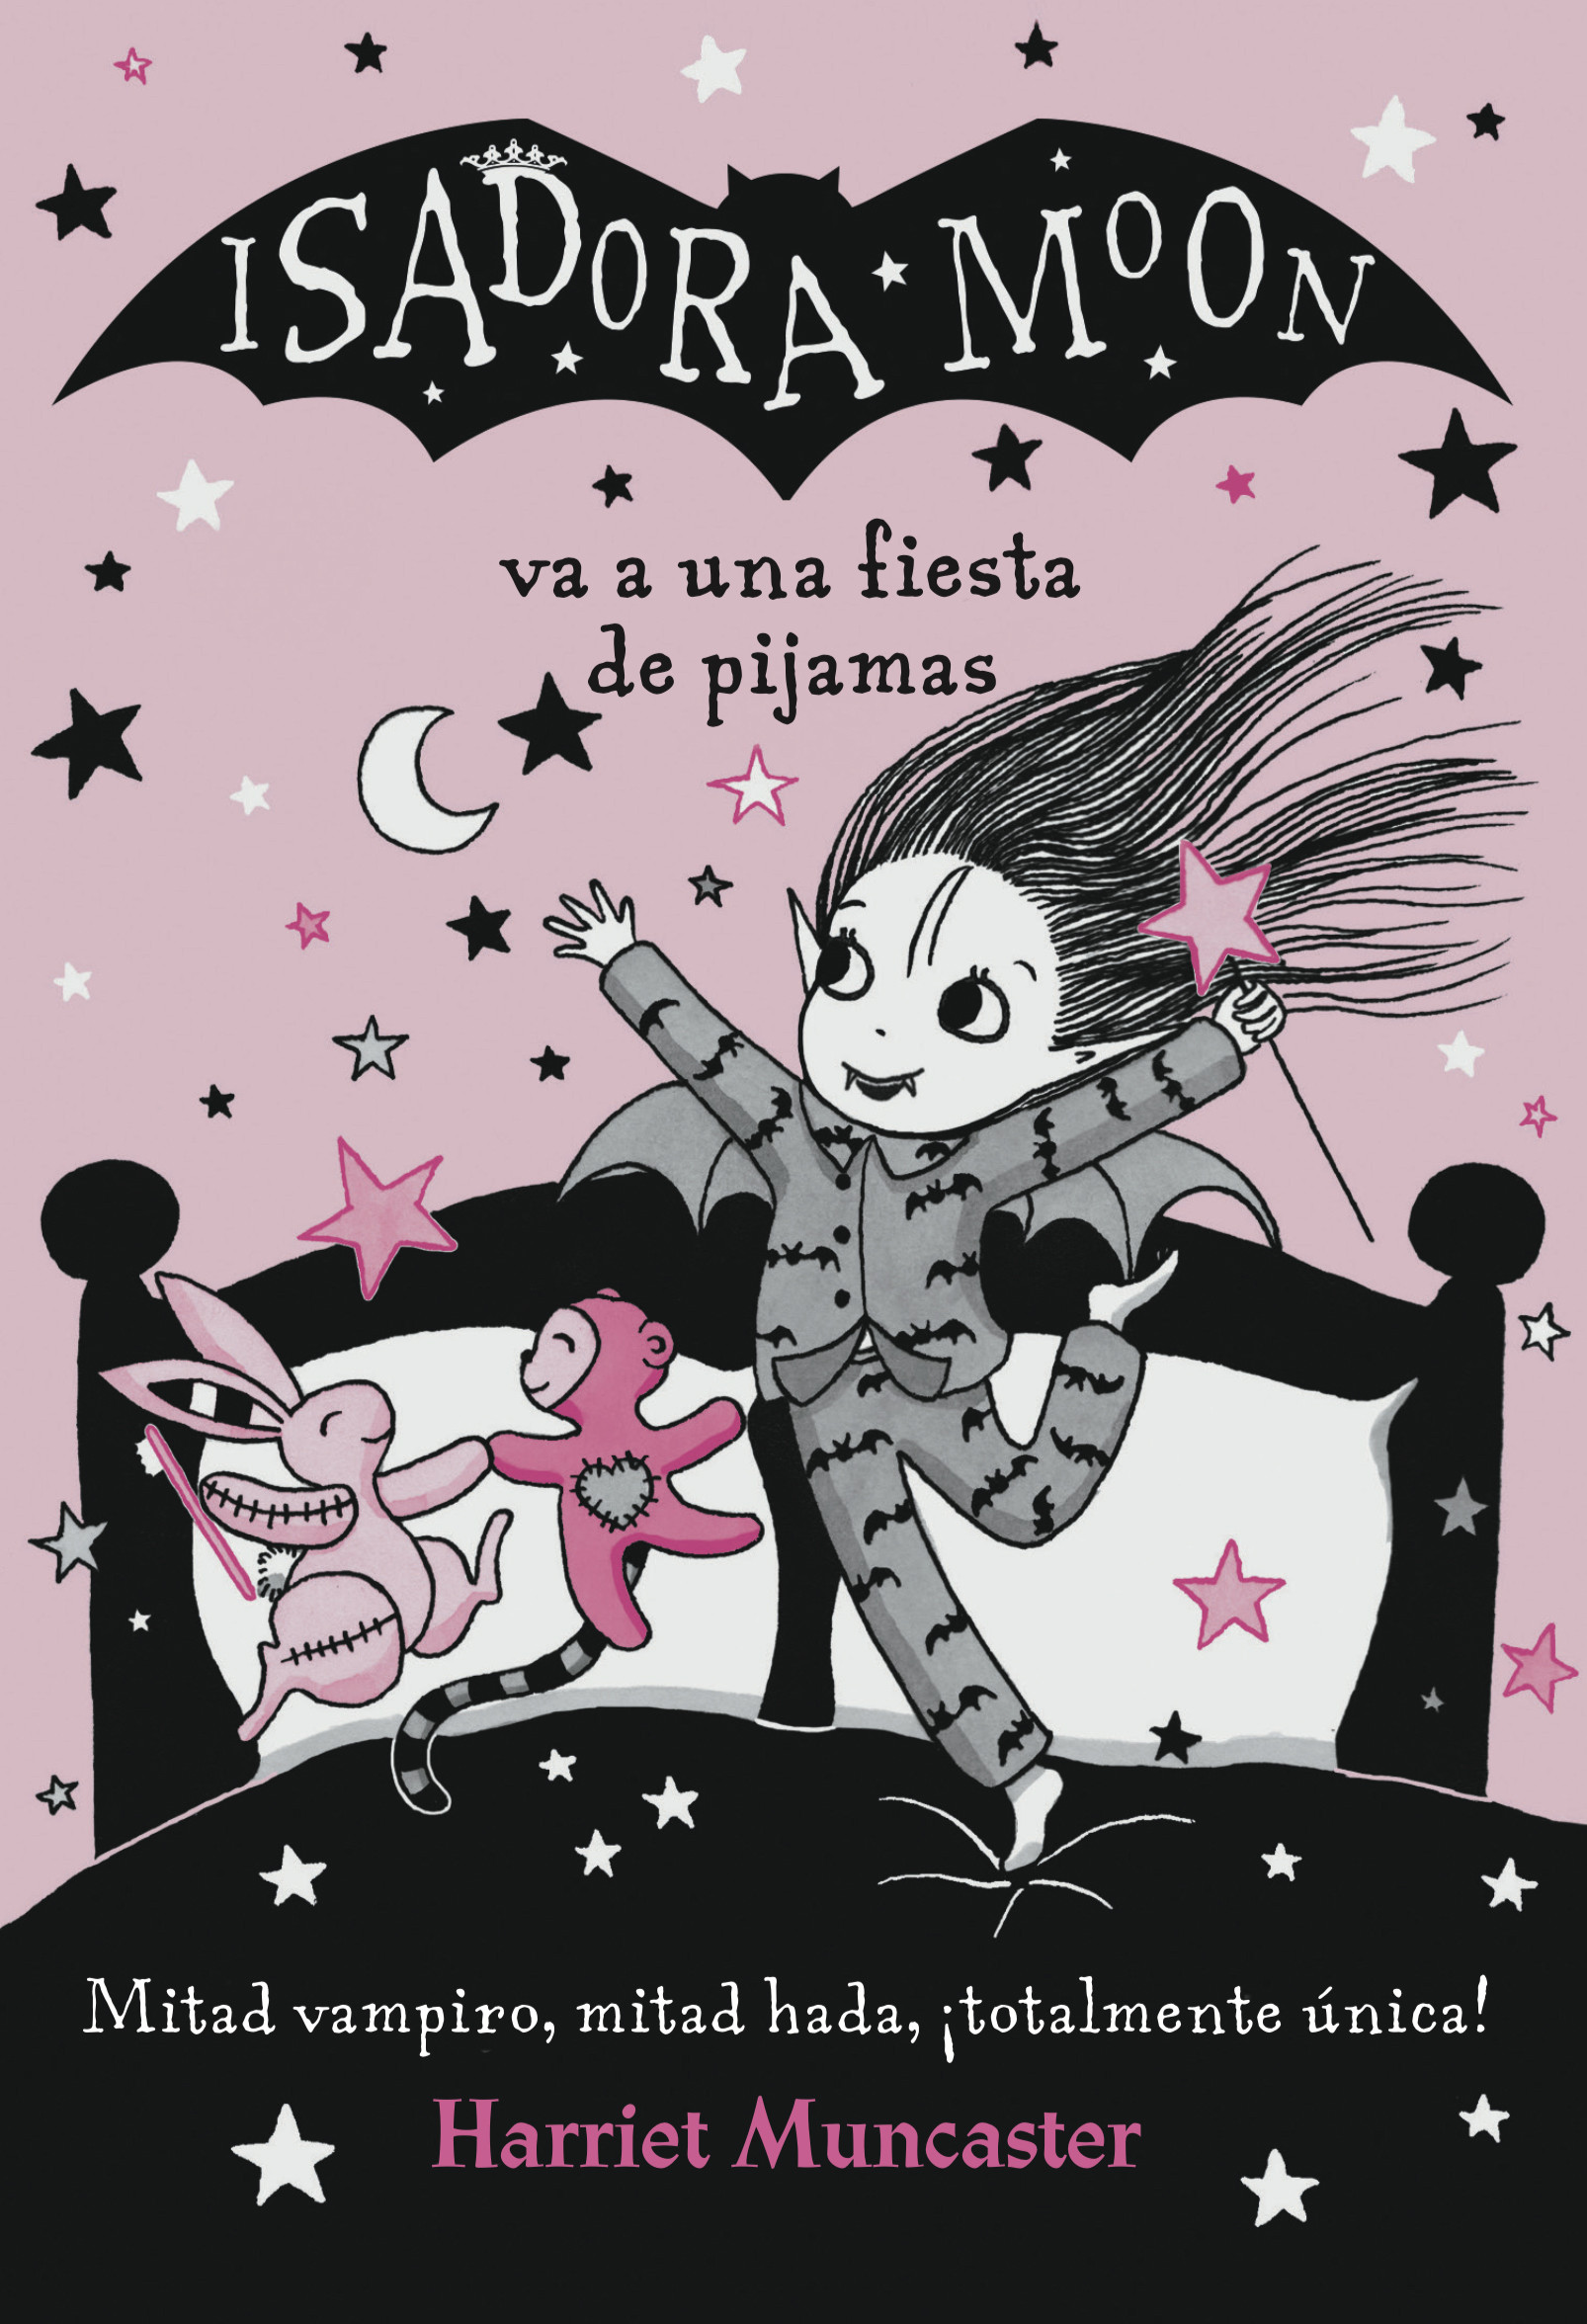 Isadora Moon va a una fiesta de pijamas